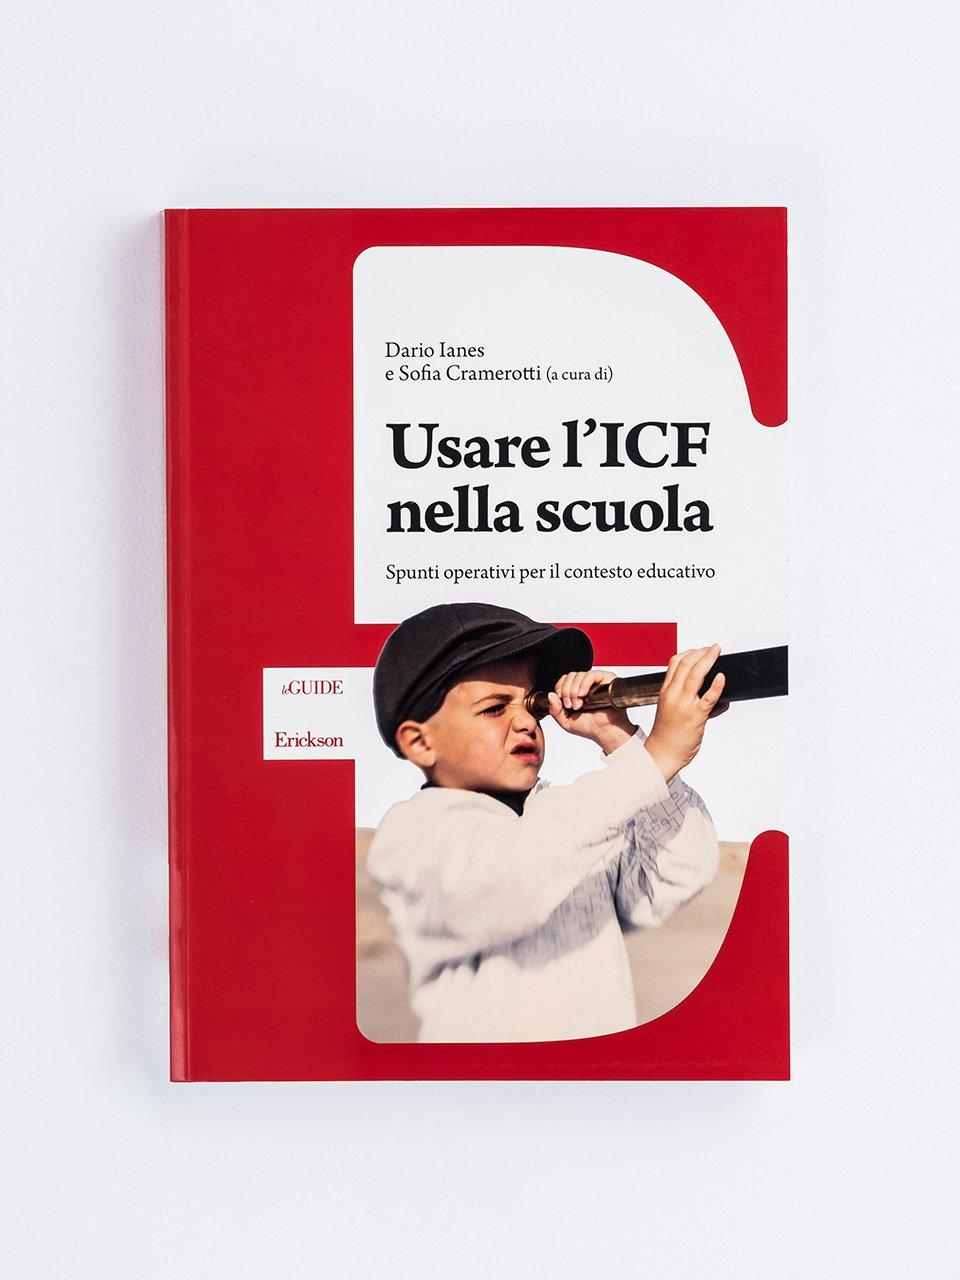 Usare l'ICF nella scuola - ICF - Libri - Erickson